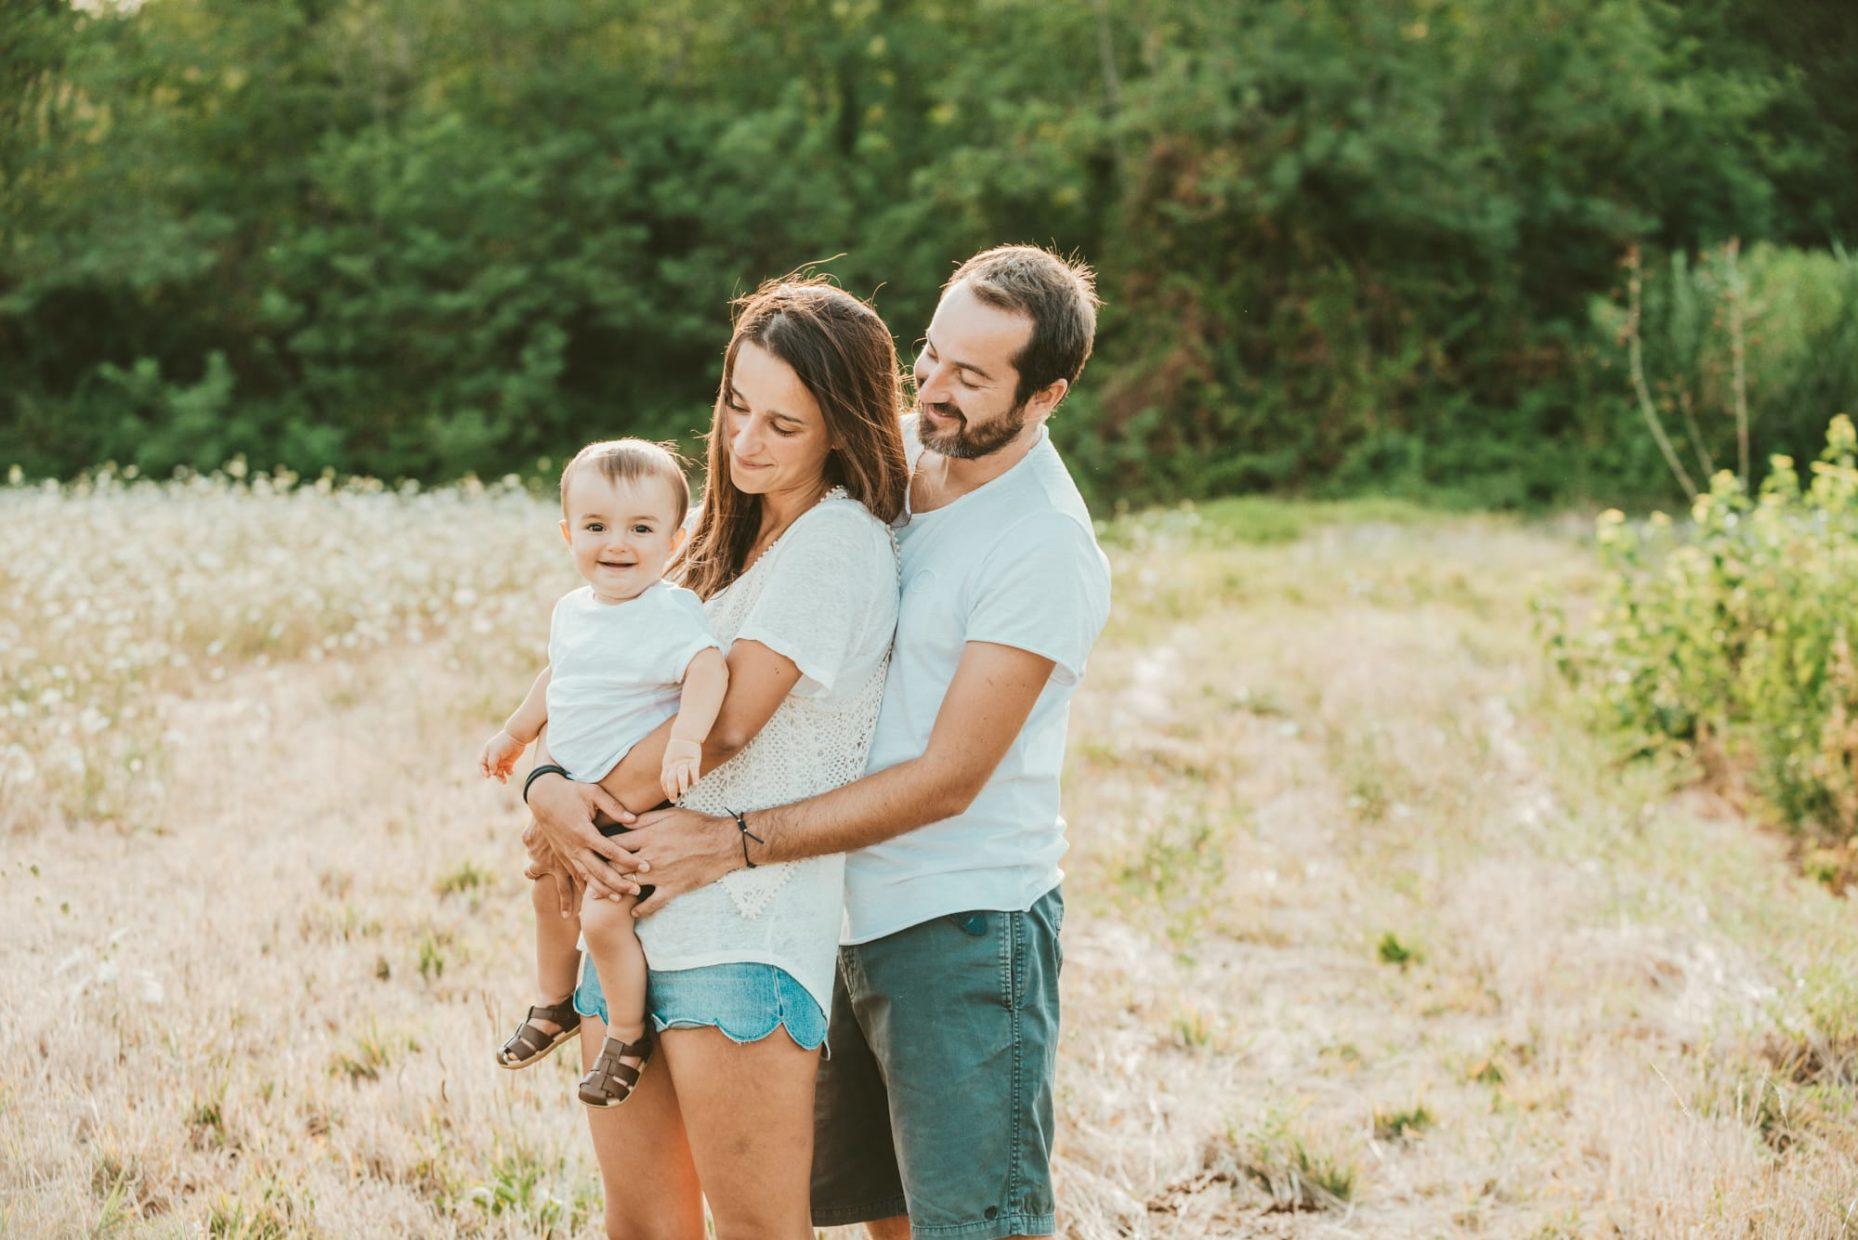 fotografa famiglia lucca pisa montecatini versilia forte dei marmi pietrasanta viareggio massa